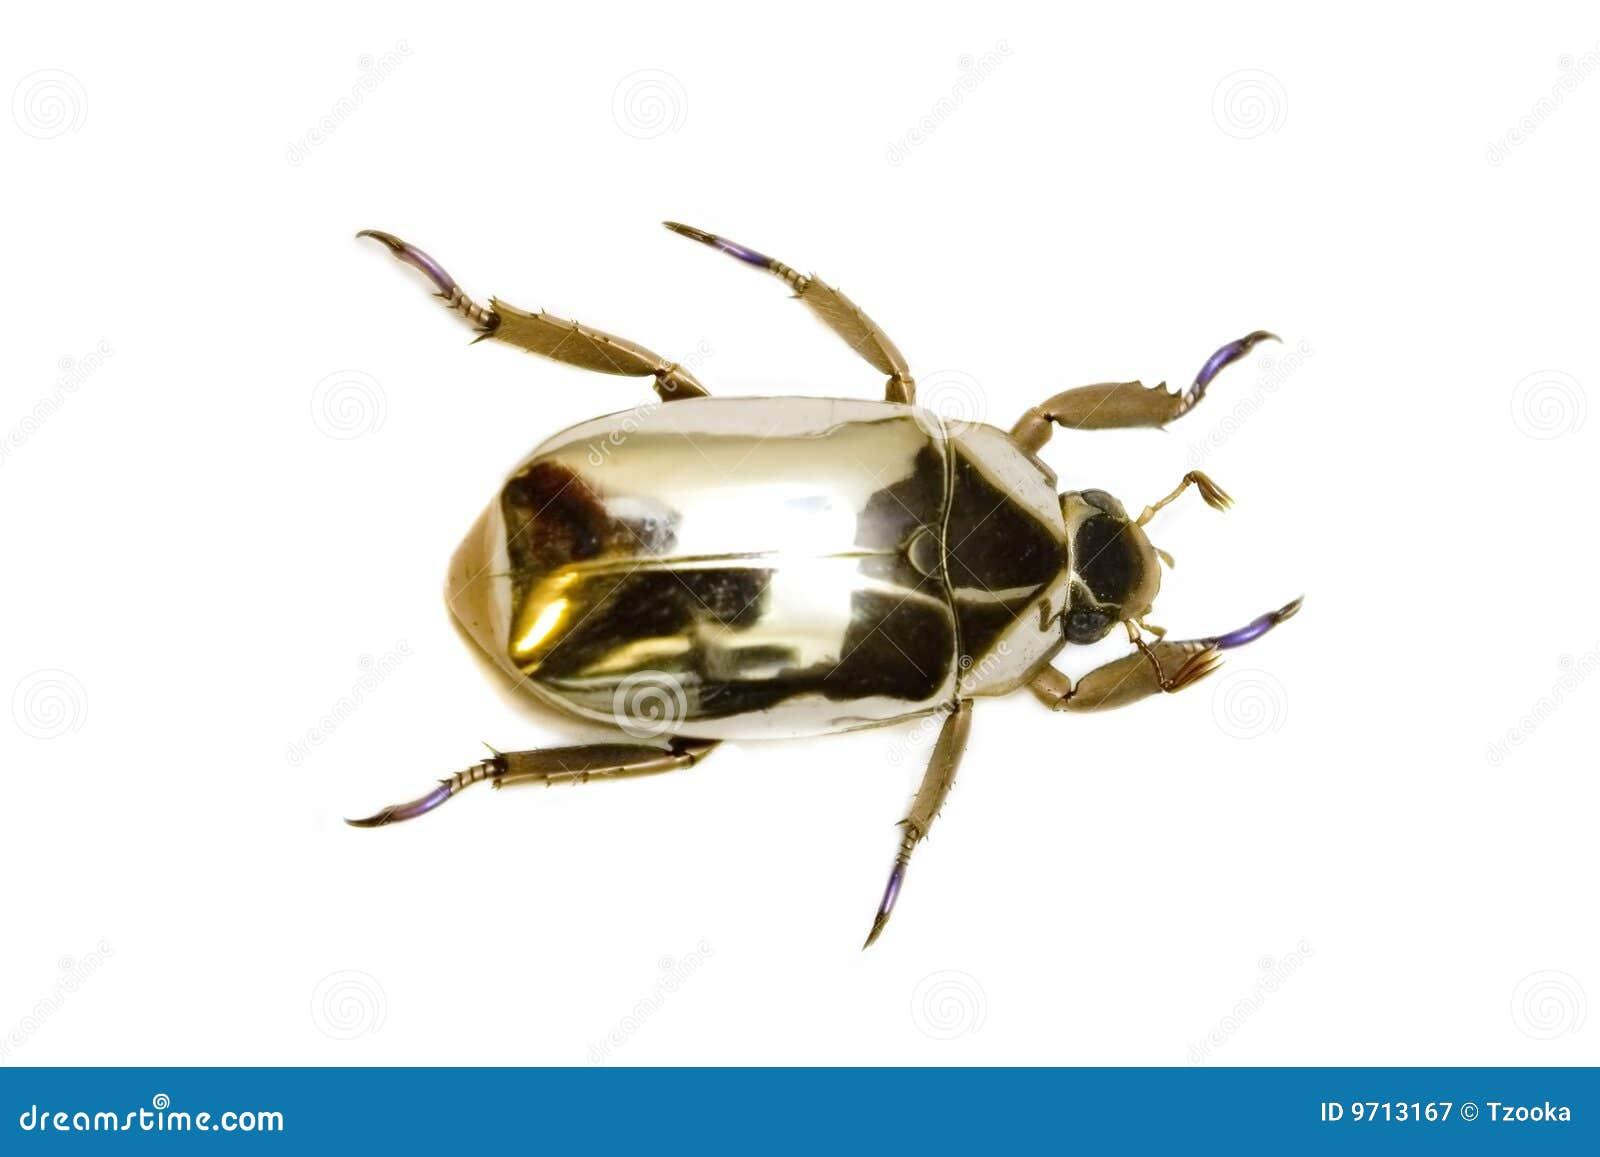 Kleine Gelbe Käfer : goldener k fer lizenzfreie stockfotografie bild 9713167 ~ Lizthompson.info Haus und Dekorationen